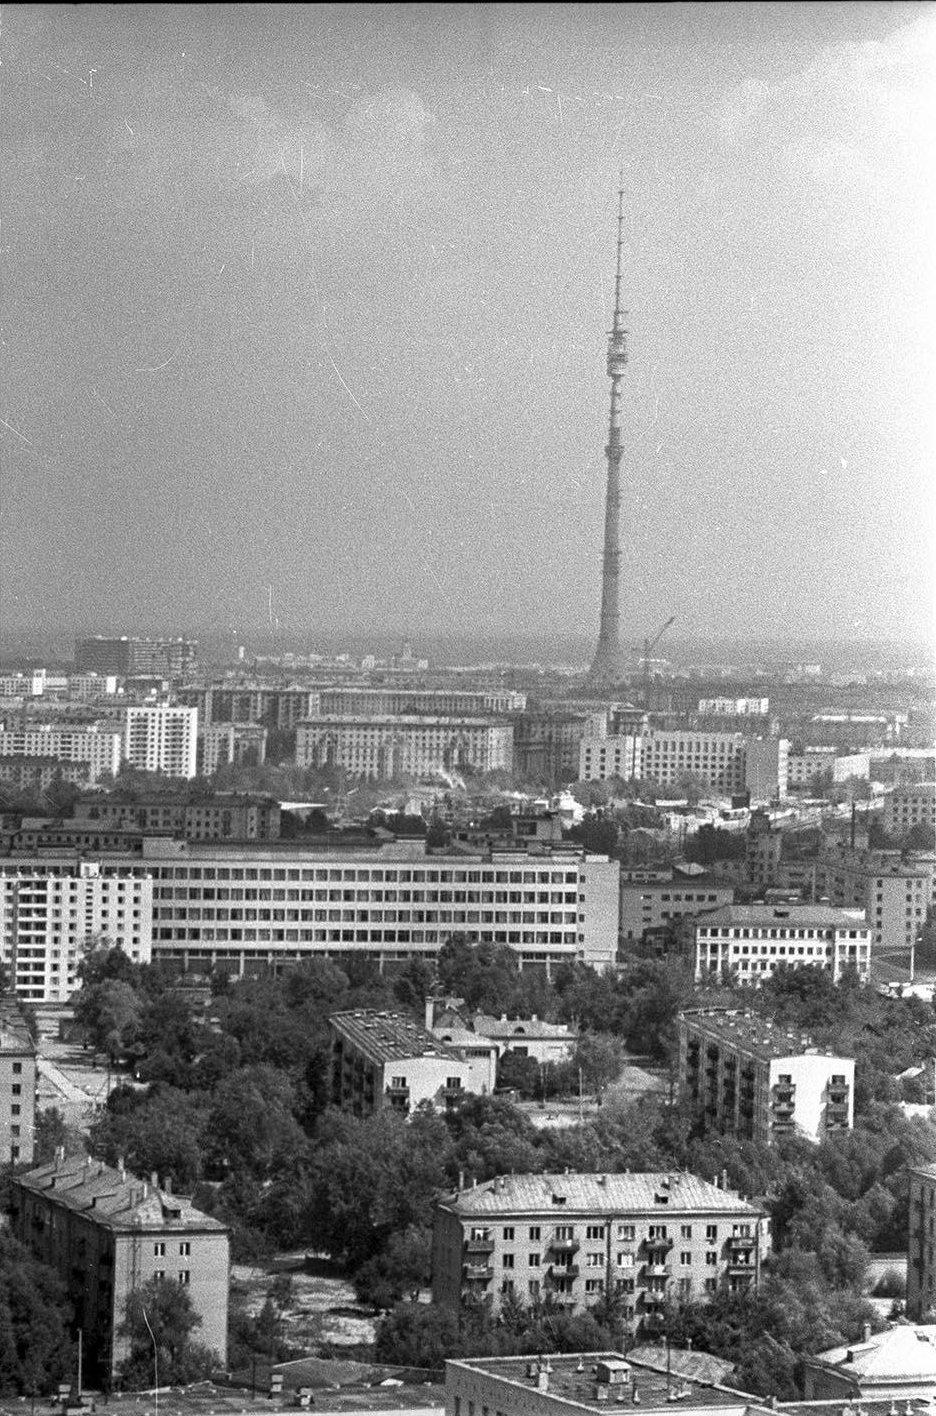 1965. Вид на Останкинскую телебашню и звездный бульвар с высоты птичьего полета